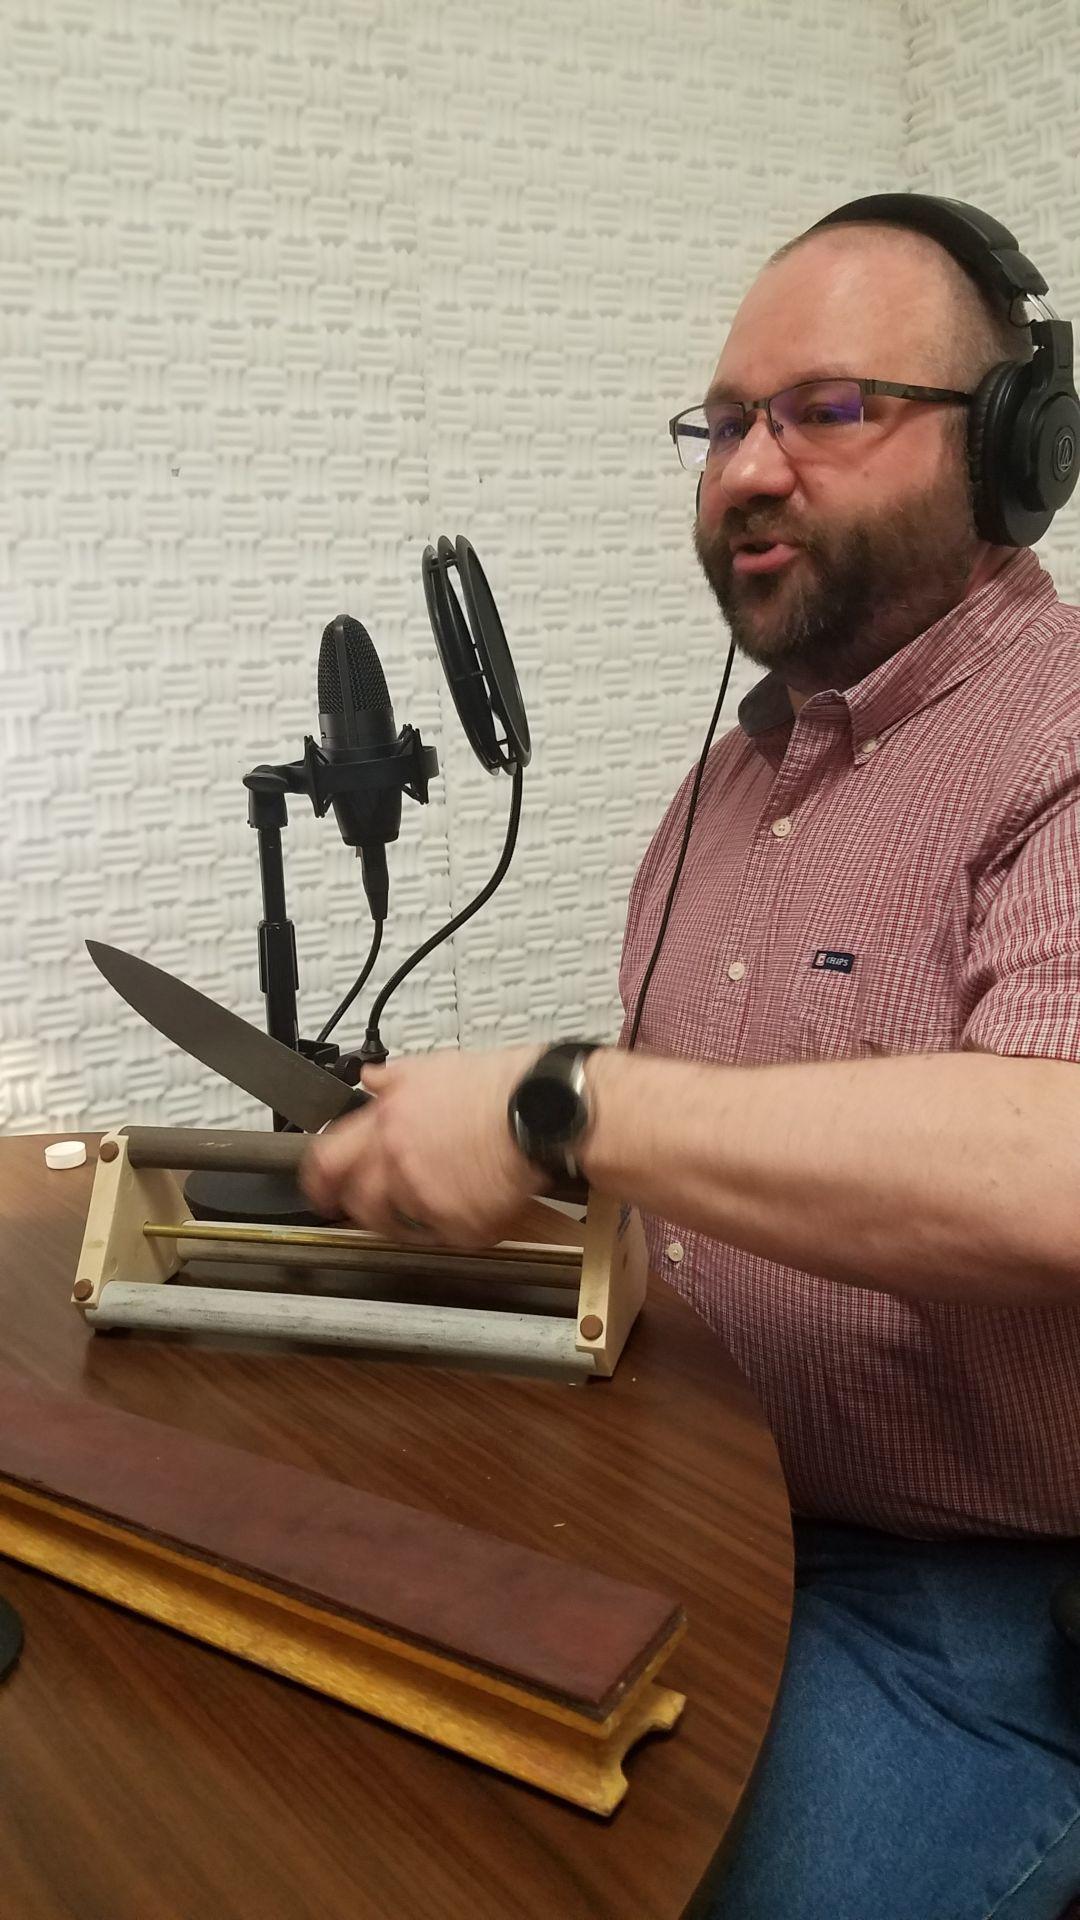 Adam Haen sharpening knives